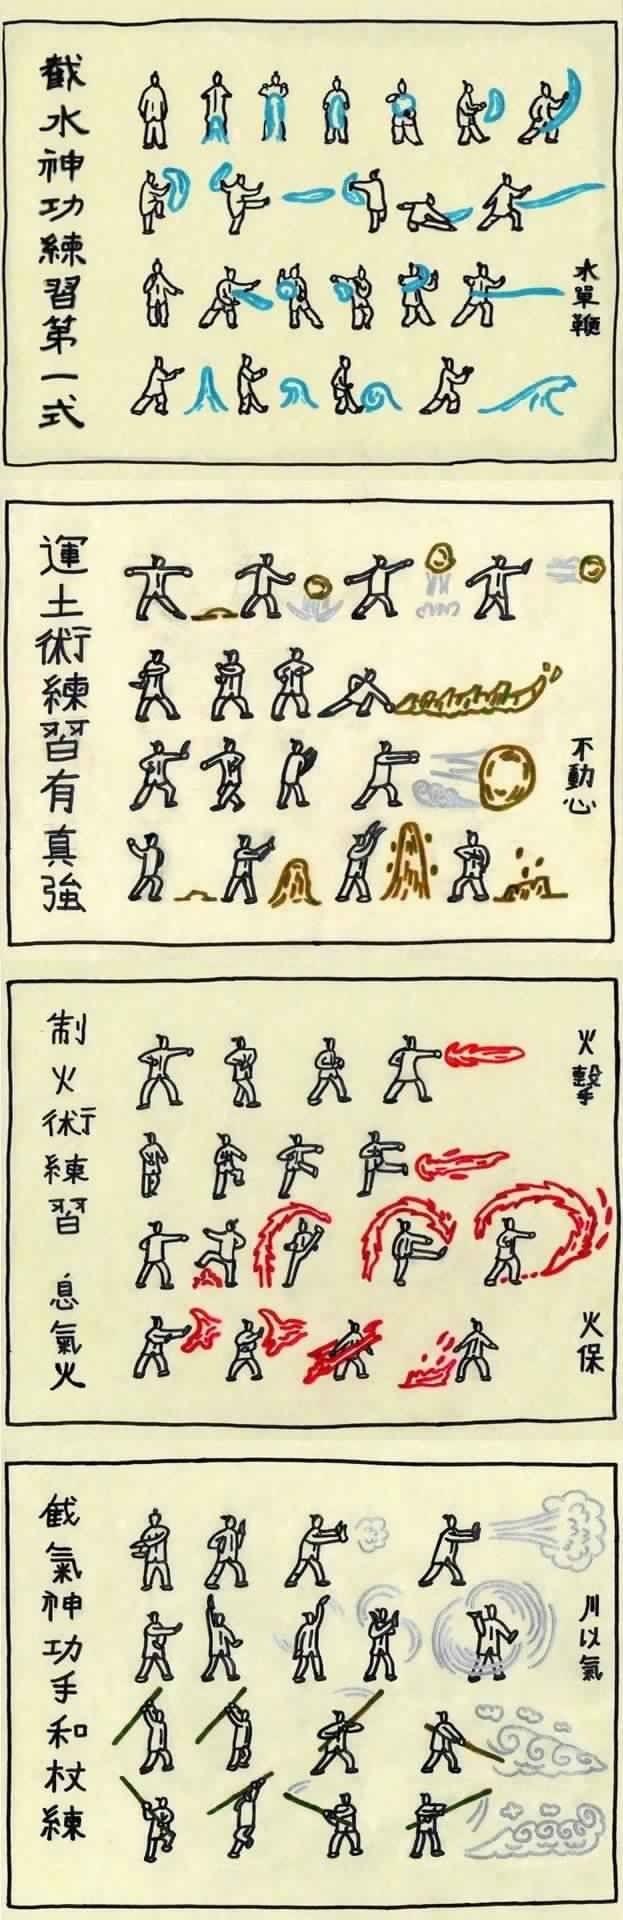 Avatar Bending Chart Erkalnathandedecker